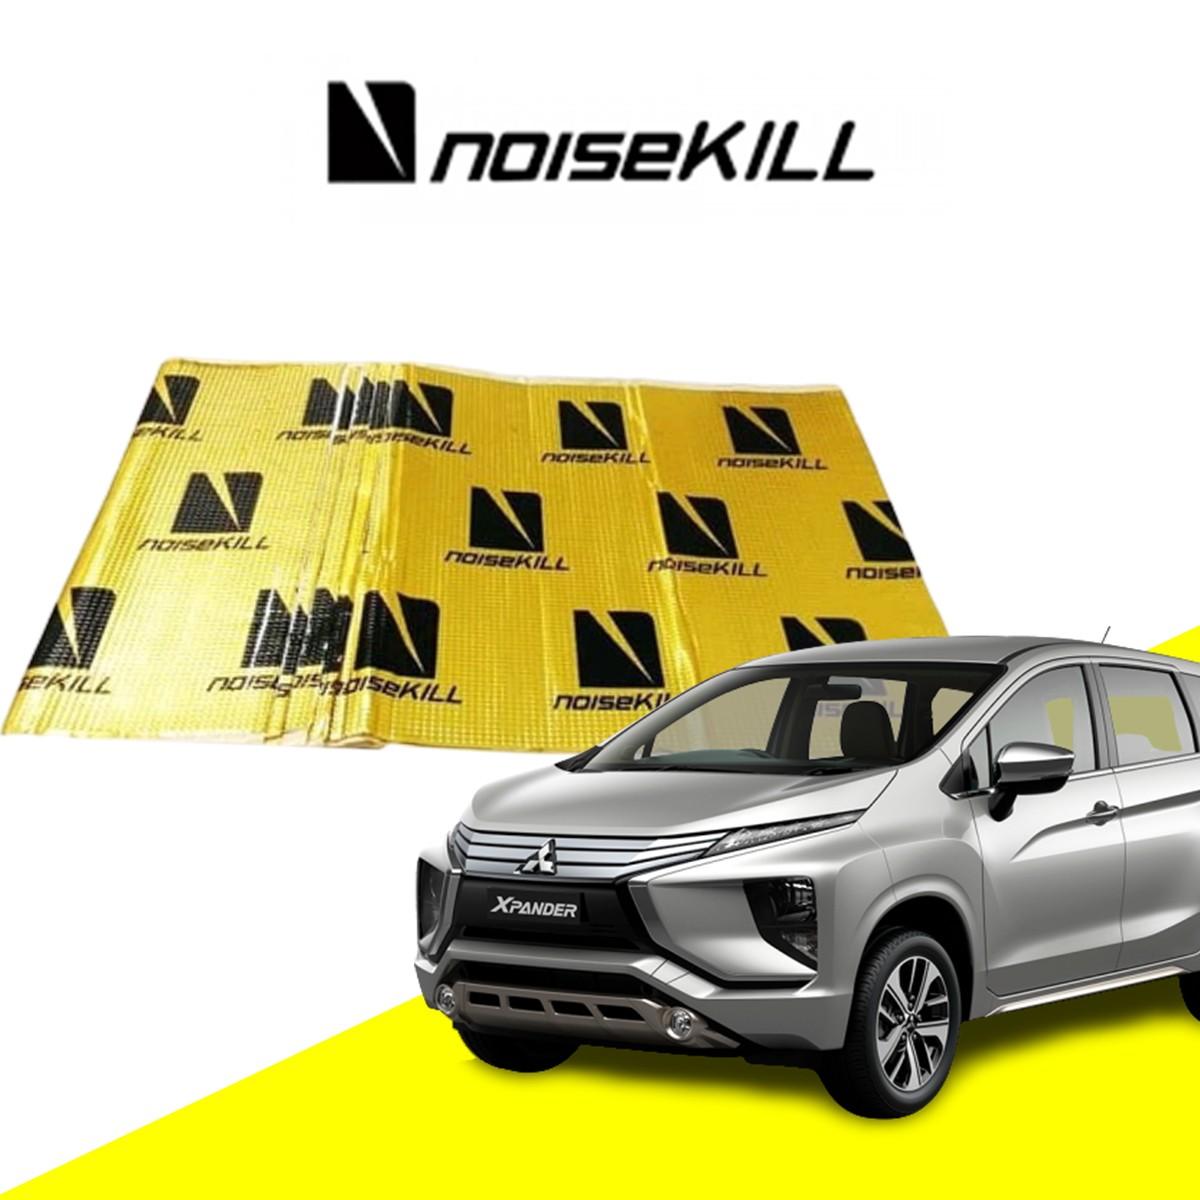 PAKET PEREDAM NOISEKILL NK - 60 FULL FOR LARGE CAR